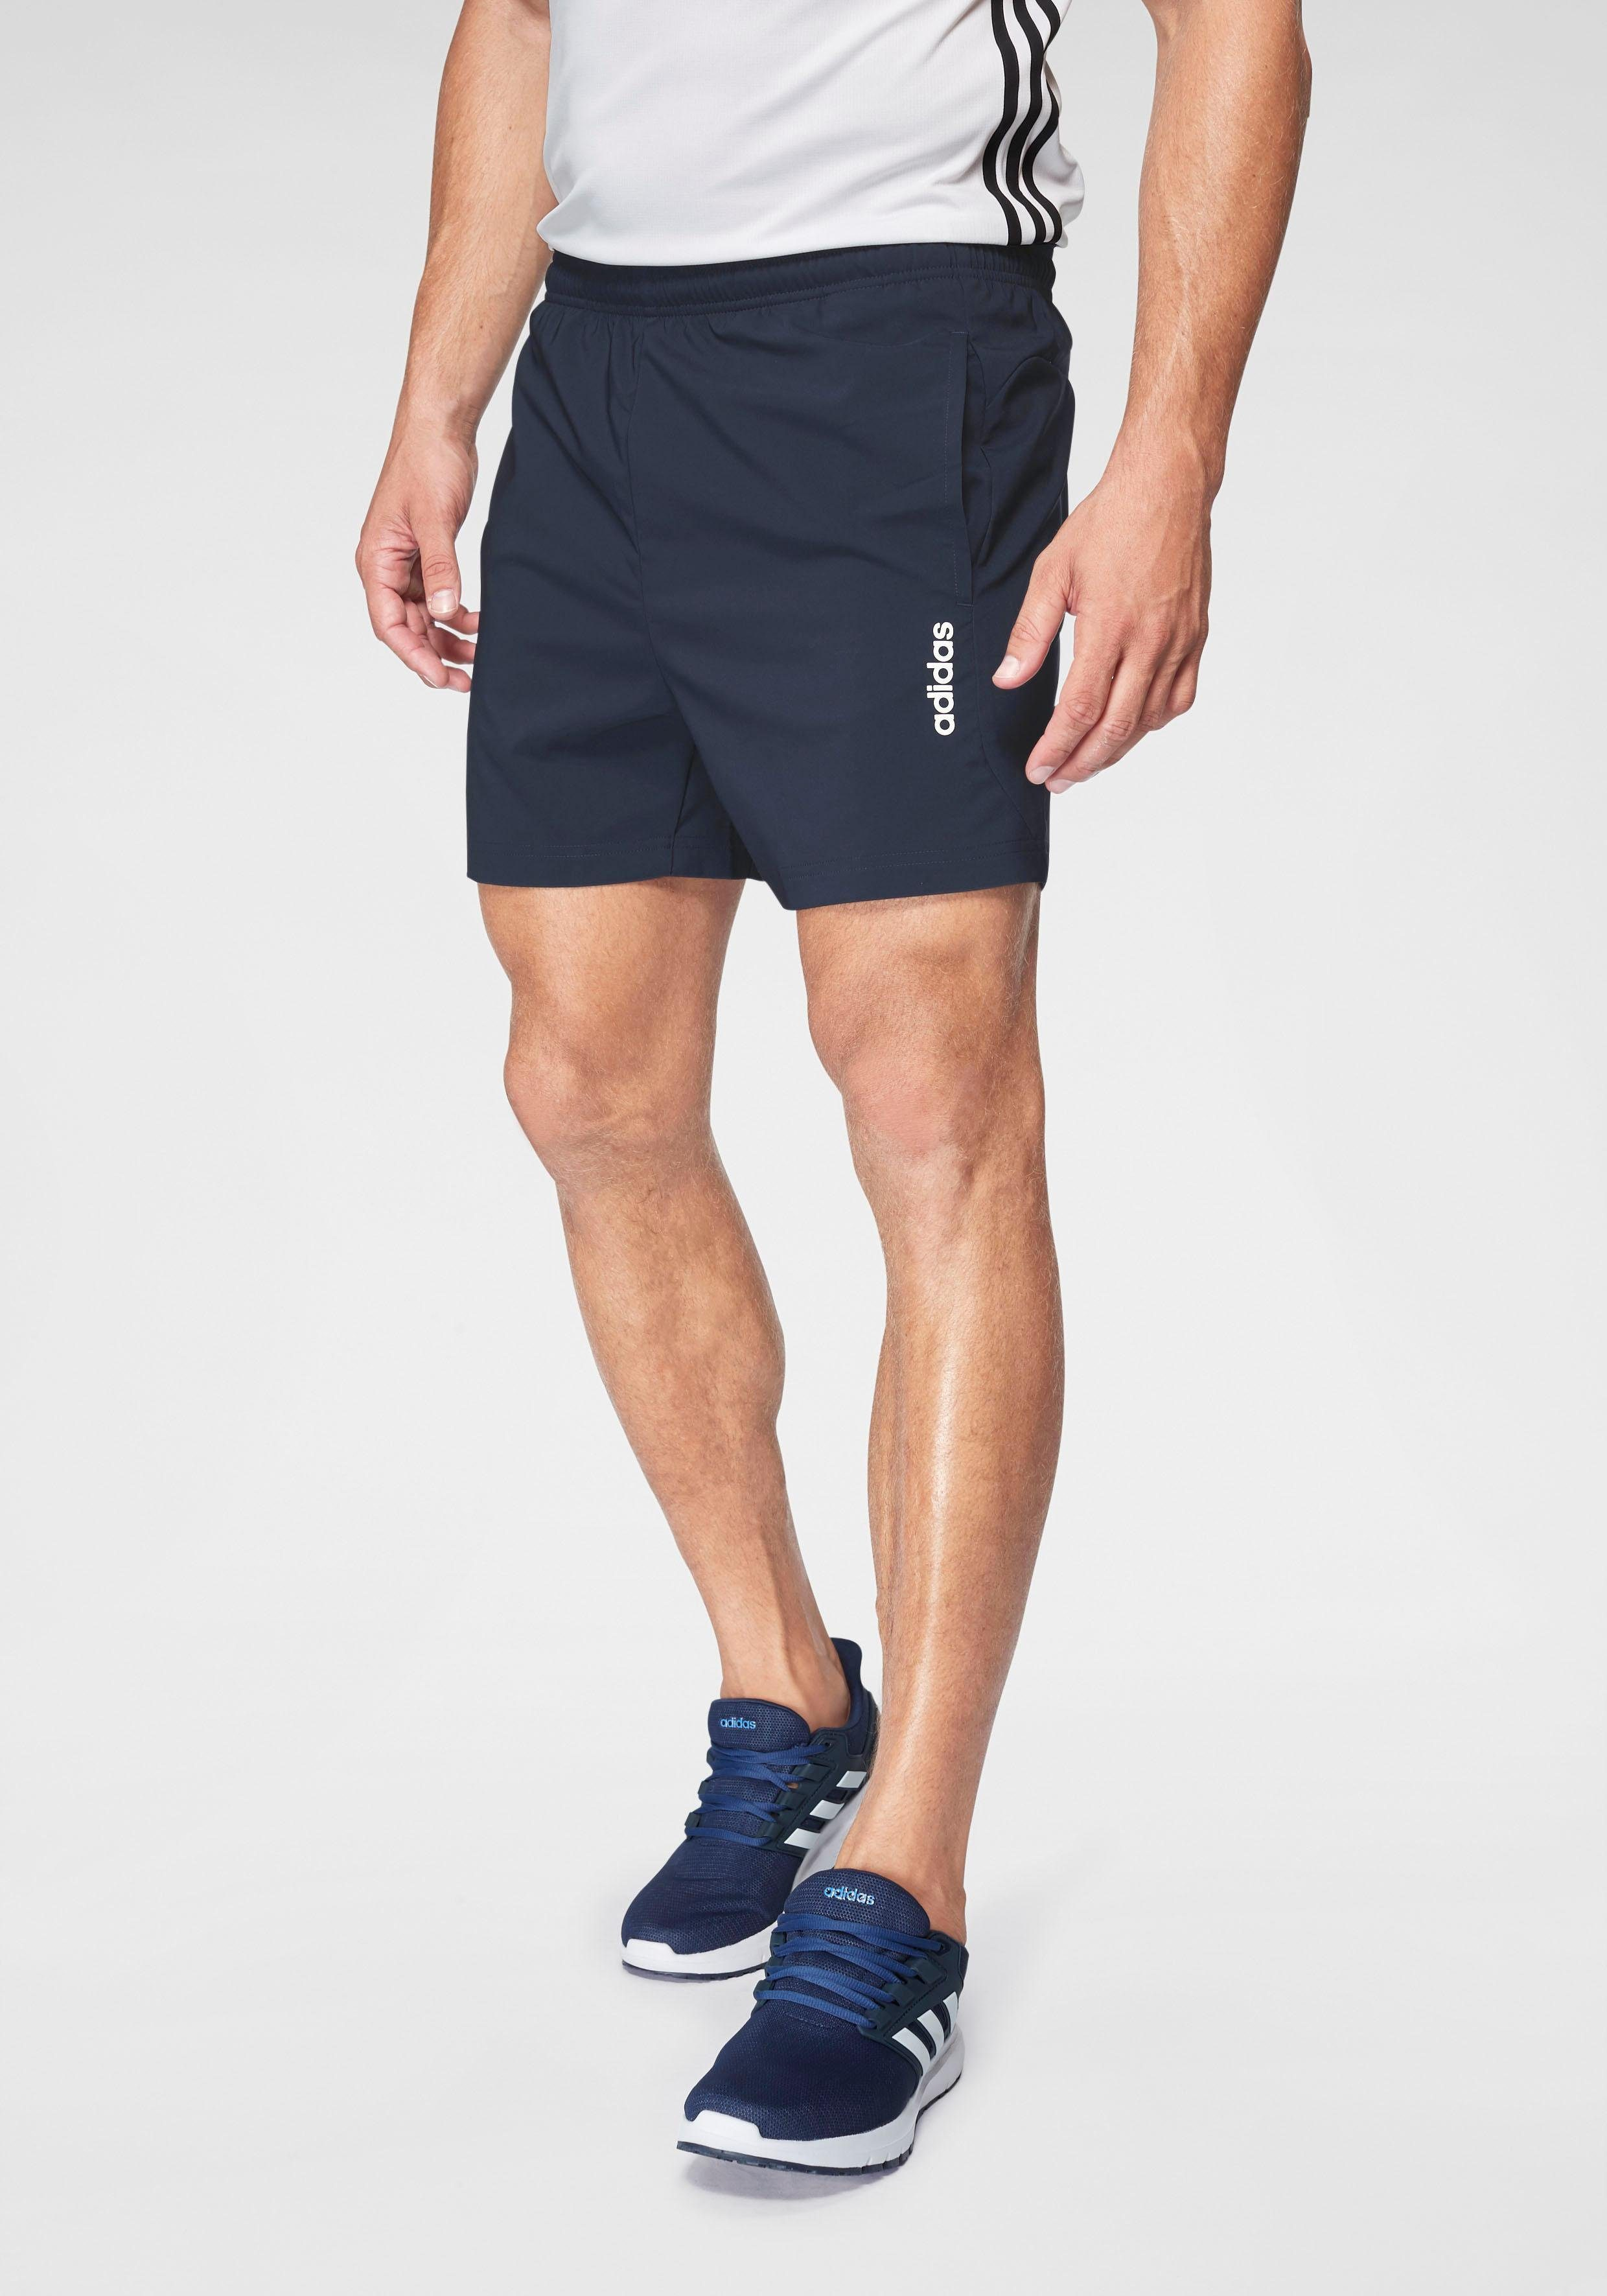 adidas shorts kurz herren